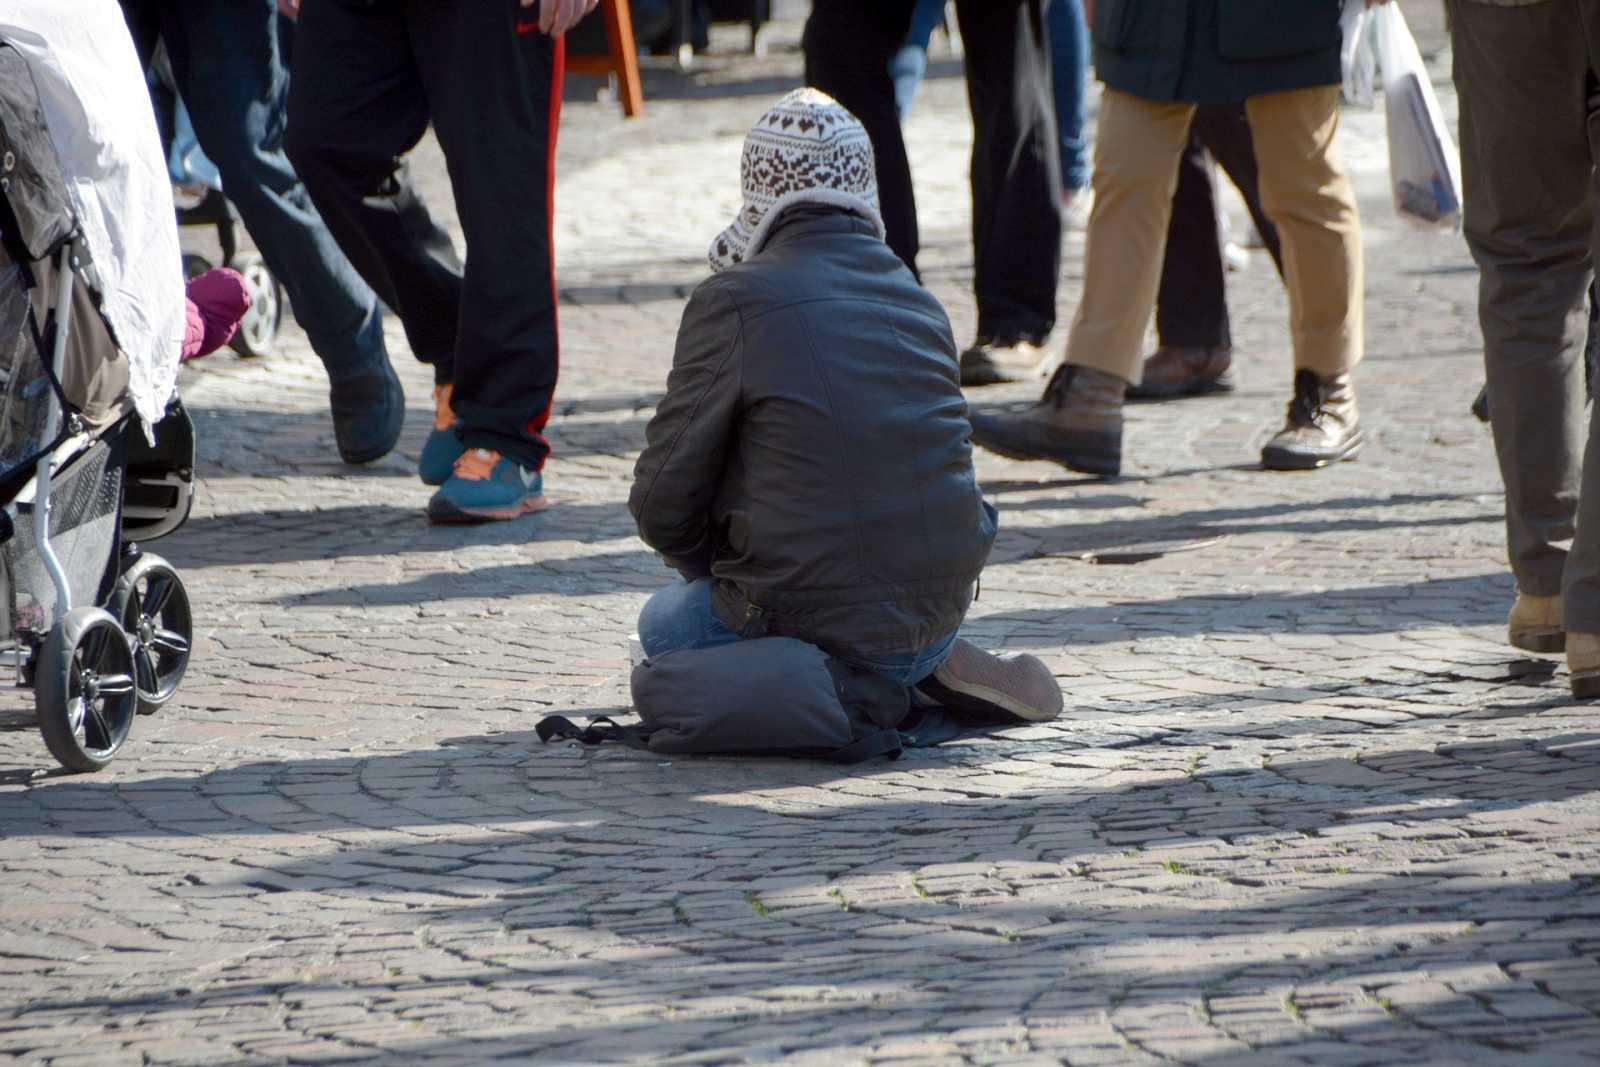 Reportaje en Radio 5 - Dormir en la calle durante la pandemia - 19/12/20 - Escuchar ahora